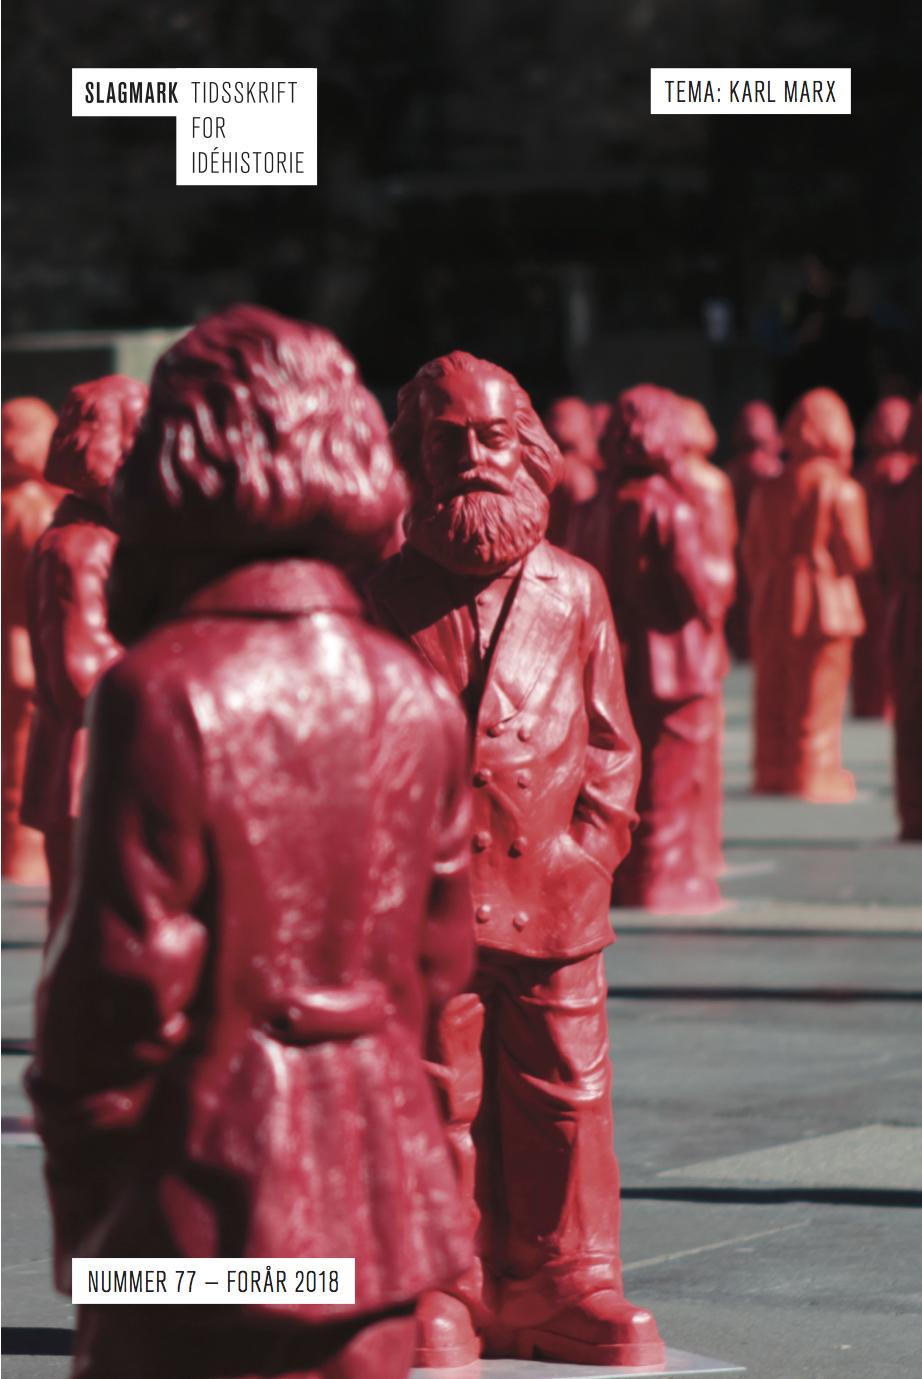 View No. 77 (2018): Karl Marx